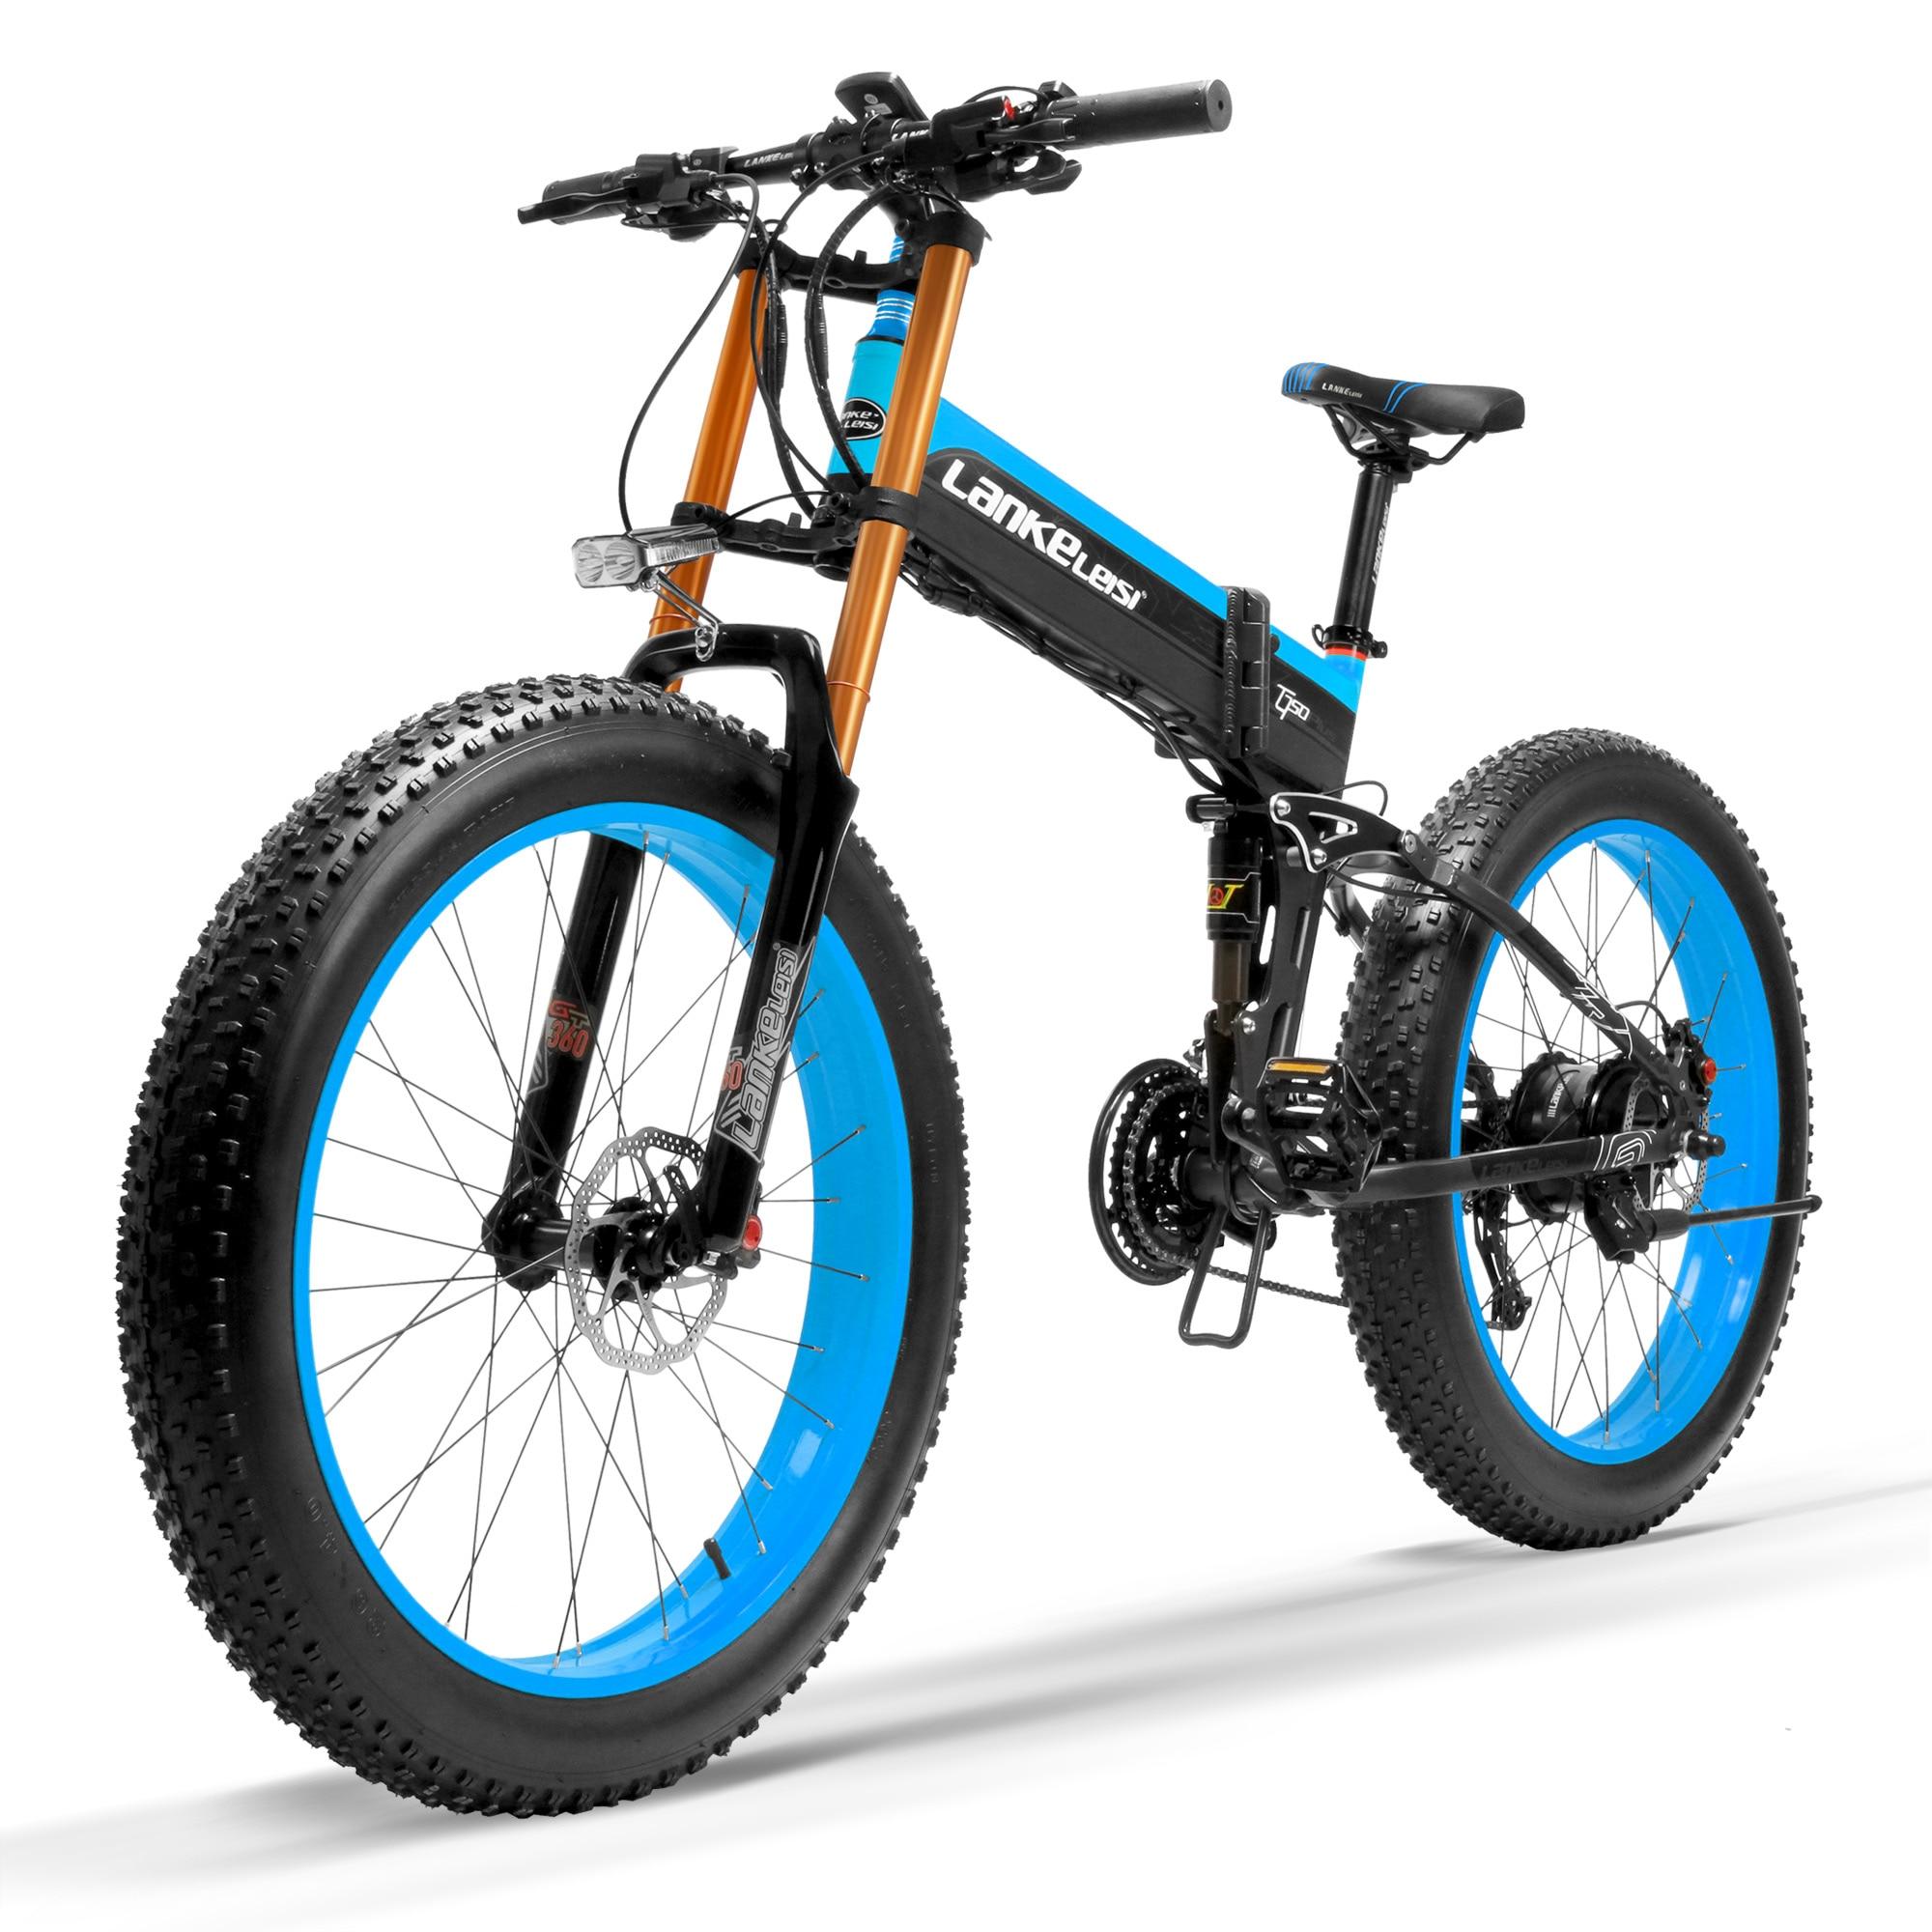 T750Plus Bicicleta Elétrica de Dobramento, 48 V 10A/14.5A Bateria Li-ion, 1000 W Potente Motor 5 Pedal Assist Sensor de Nível, Atualizado Garfo